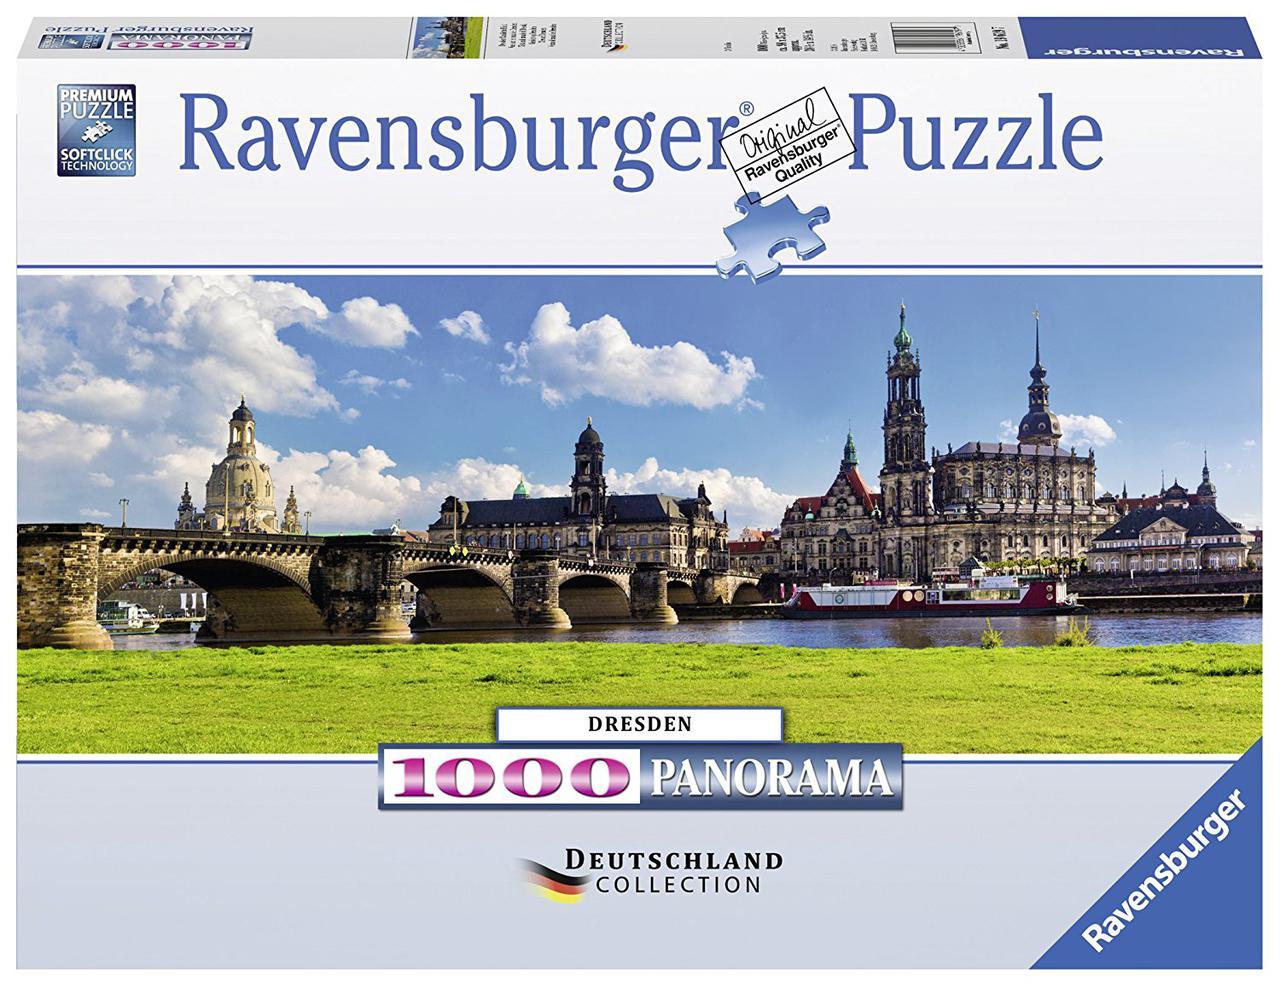 """Пазл """"Панорама Дрездена"""" 1000 шт. панорамный Ravensburger (RSV-196197)"""